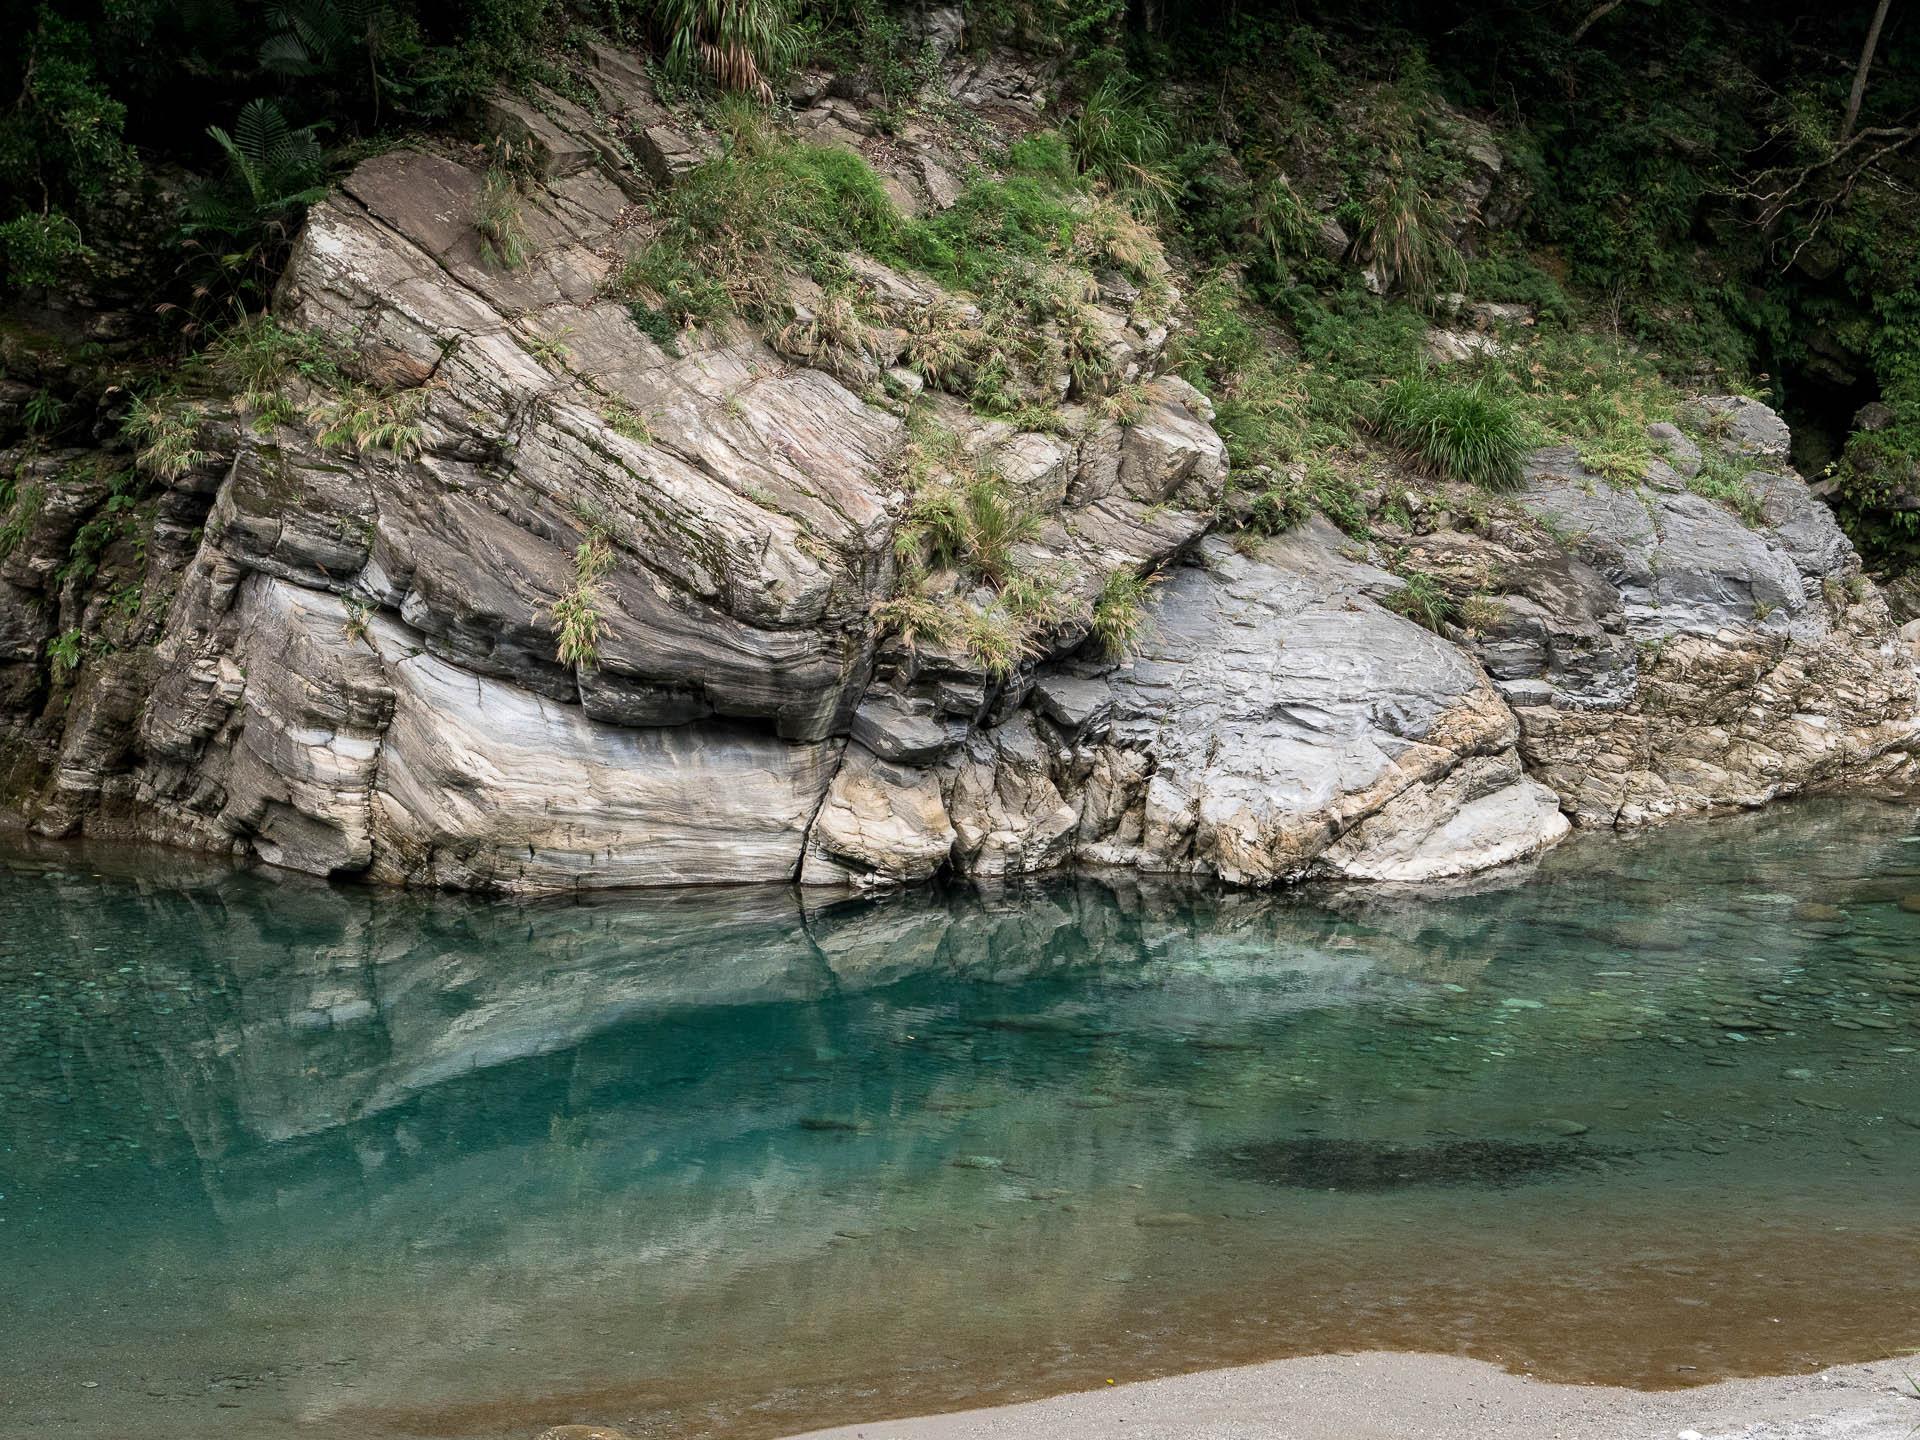 Taroko marbre détail - Les globe blogueurs - blog voyage nature